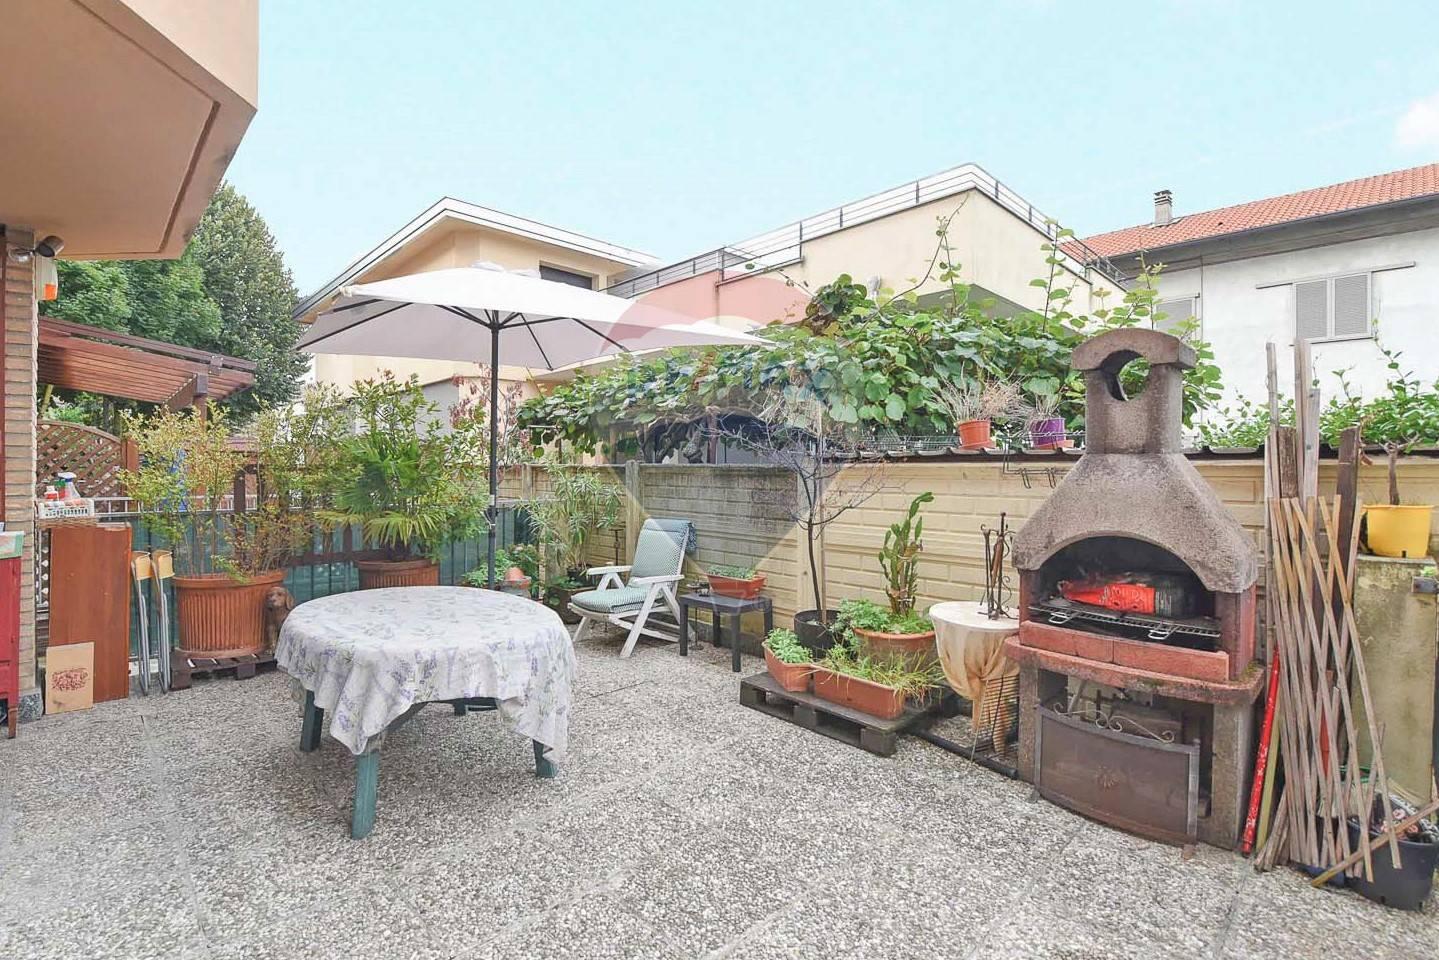 Appartamento in vendita a Desio, 4 locali, zona Località: SanGiorgio, prezzo € 234.000 | CambioCasa.it